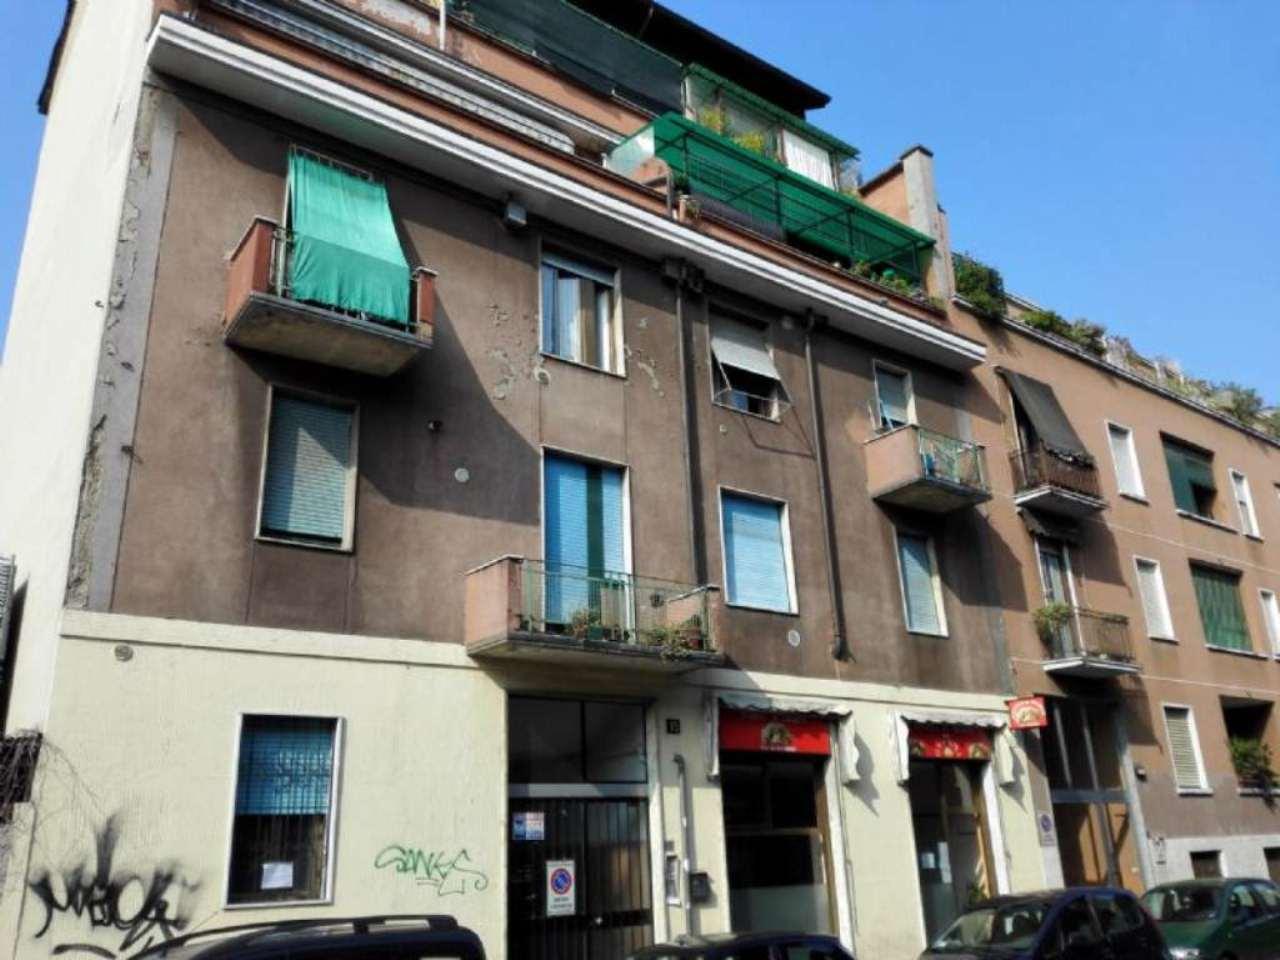 Appartamento in vendita a Milano, 2 locali, zona Zona: 3 . Bicocca, Greco, Monza, Palmanova, Padova, prezzo € 70.000   CambioCasa.it